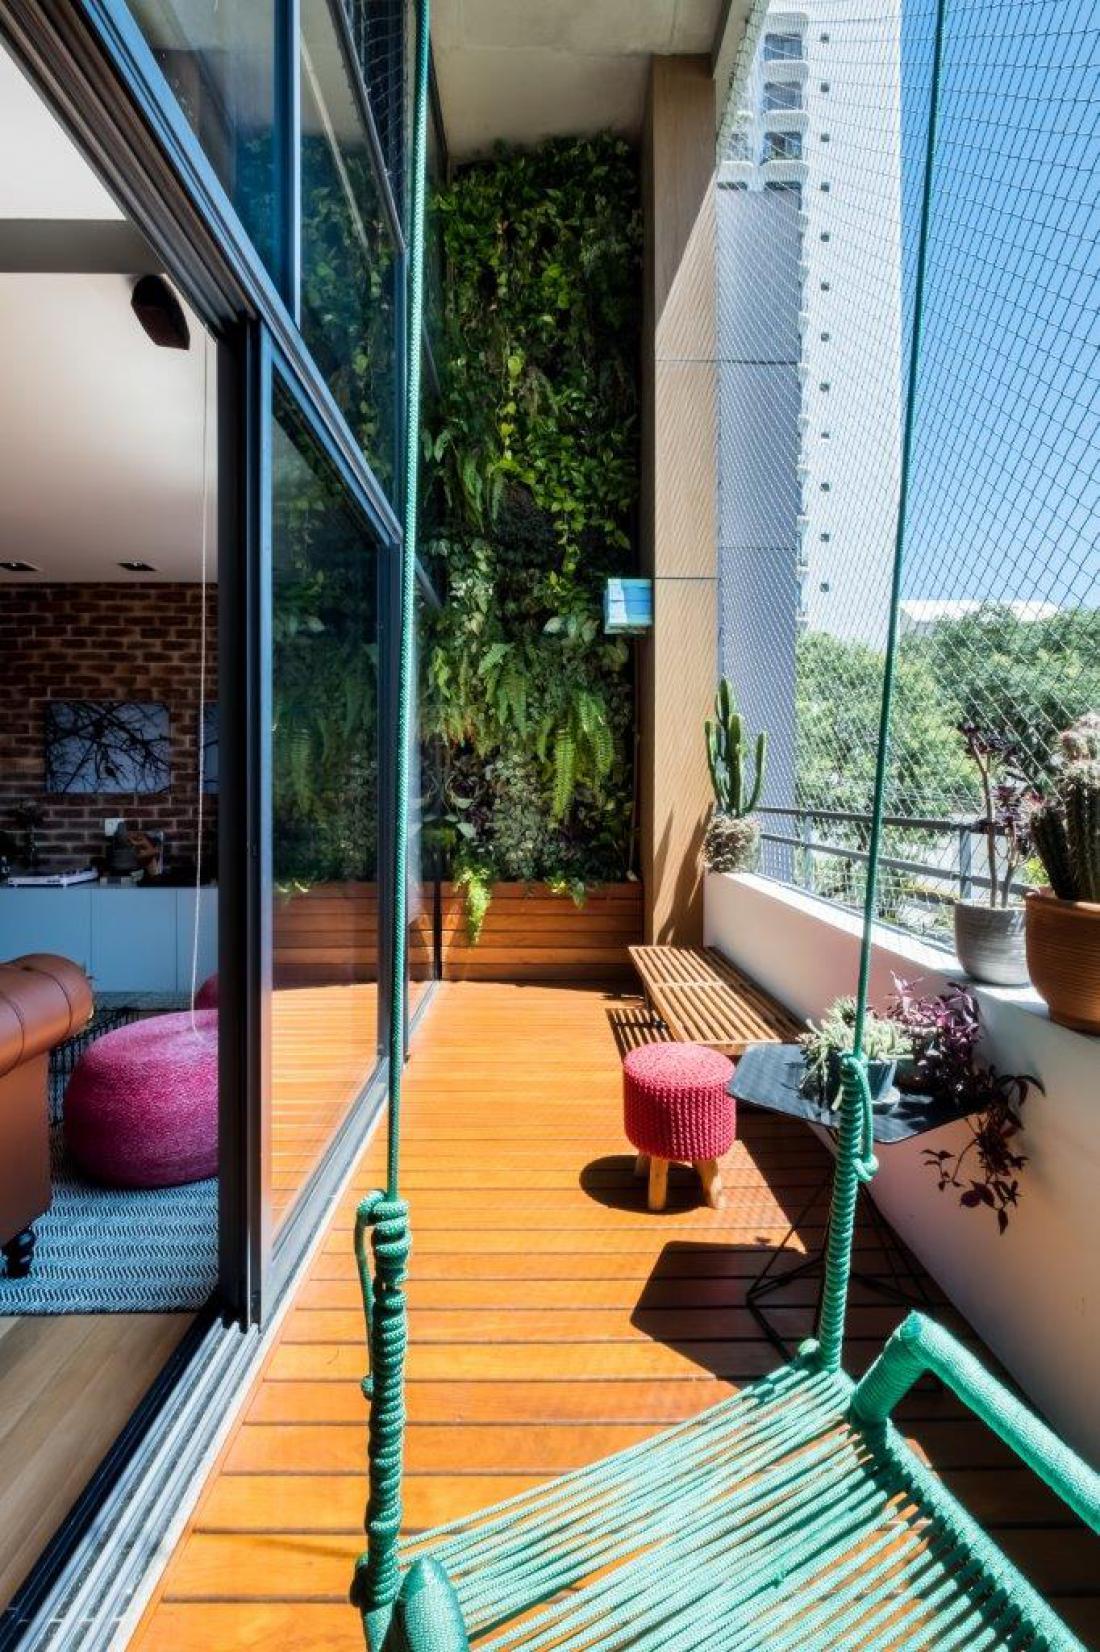 Na eni od sten balkona je urejen vertikalni vrt, ki se razprostira od tal do drugega nadstropja stanovanja.